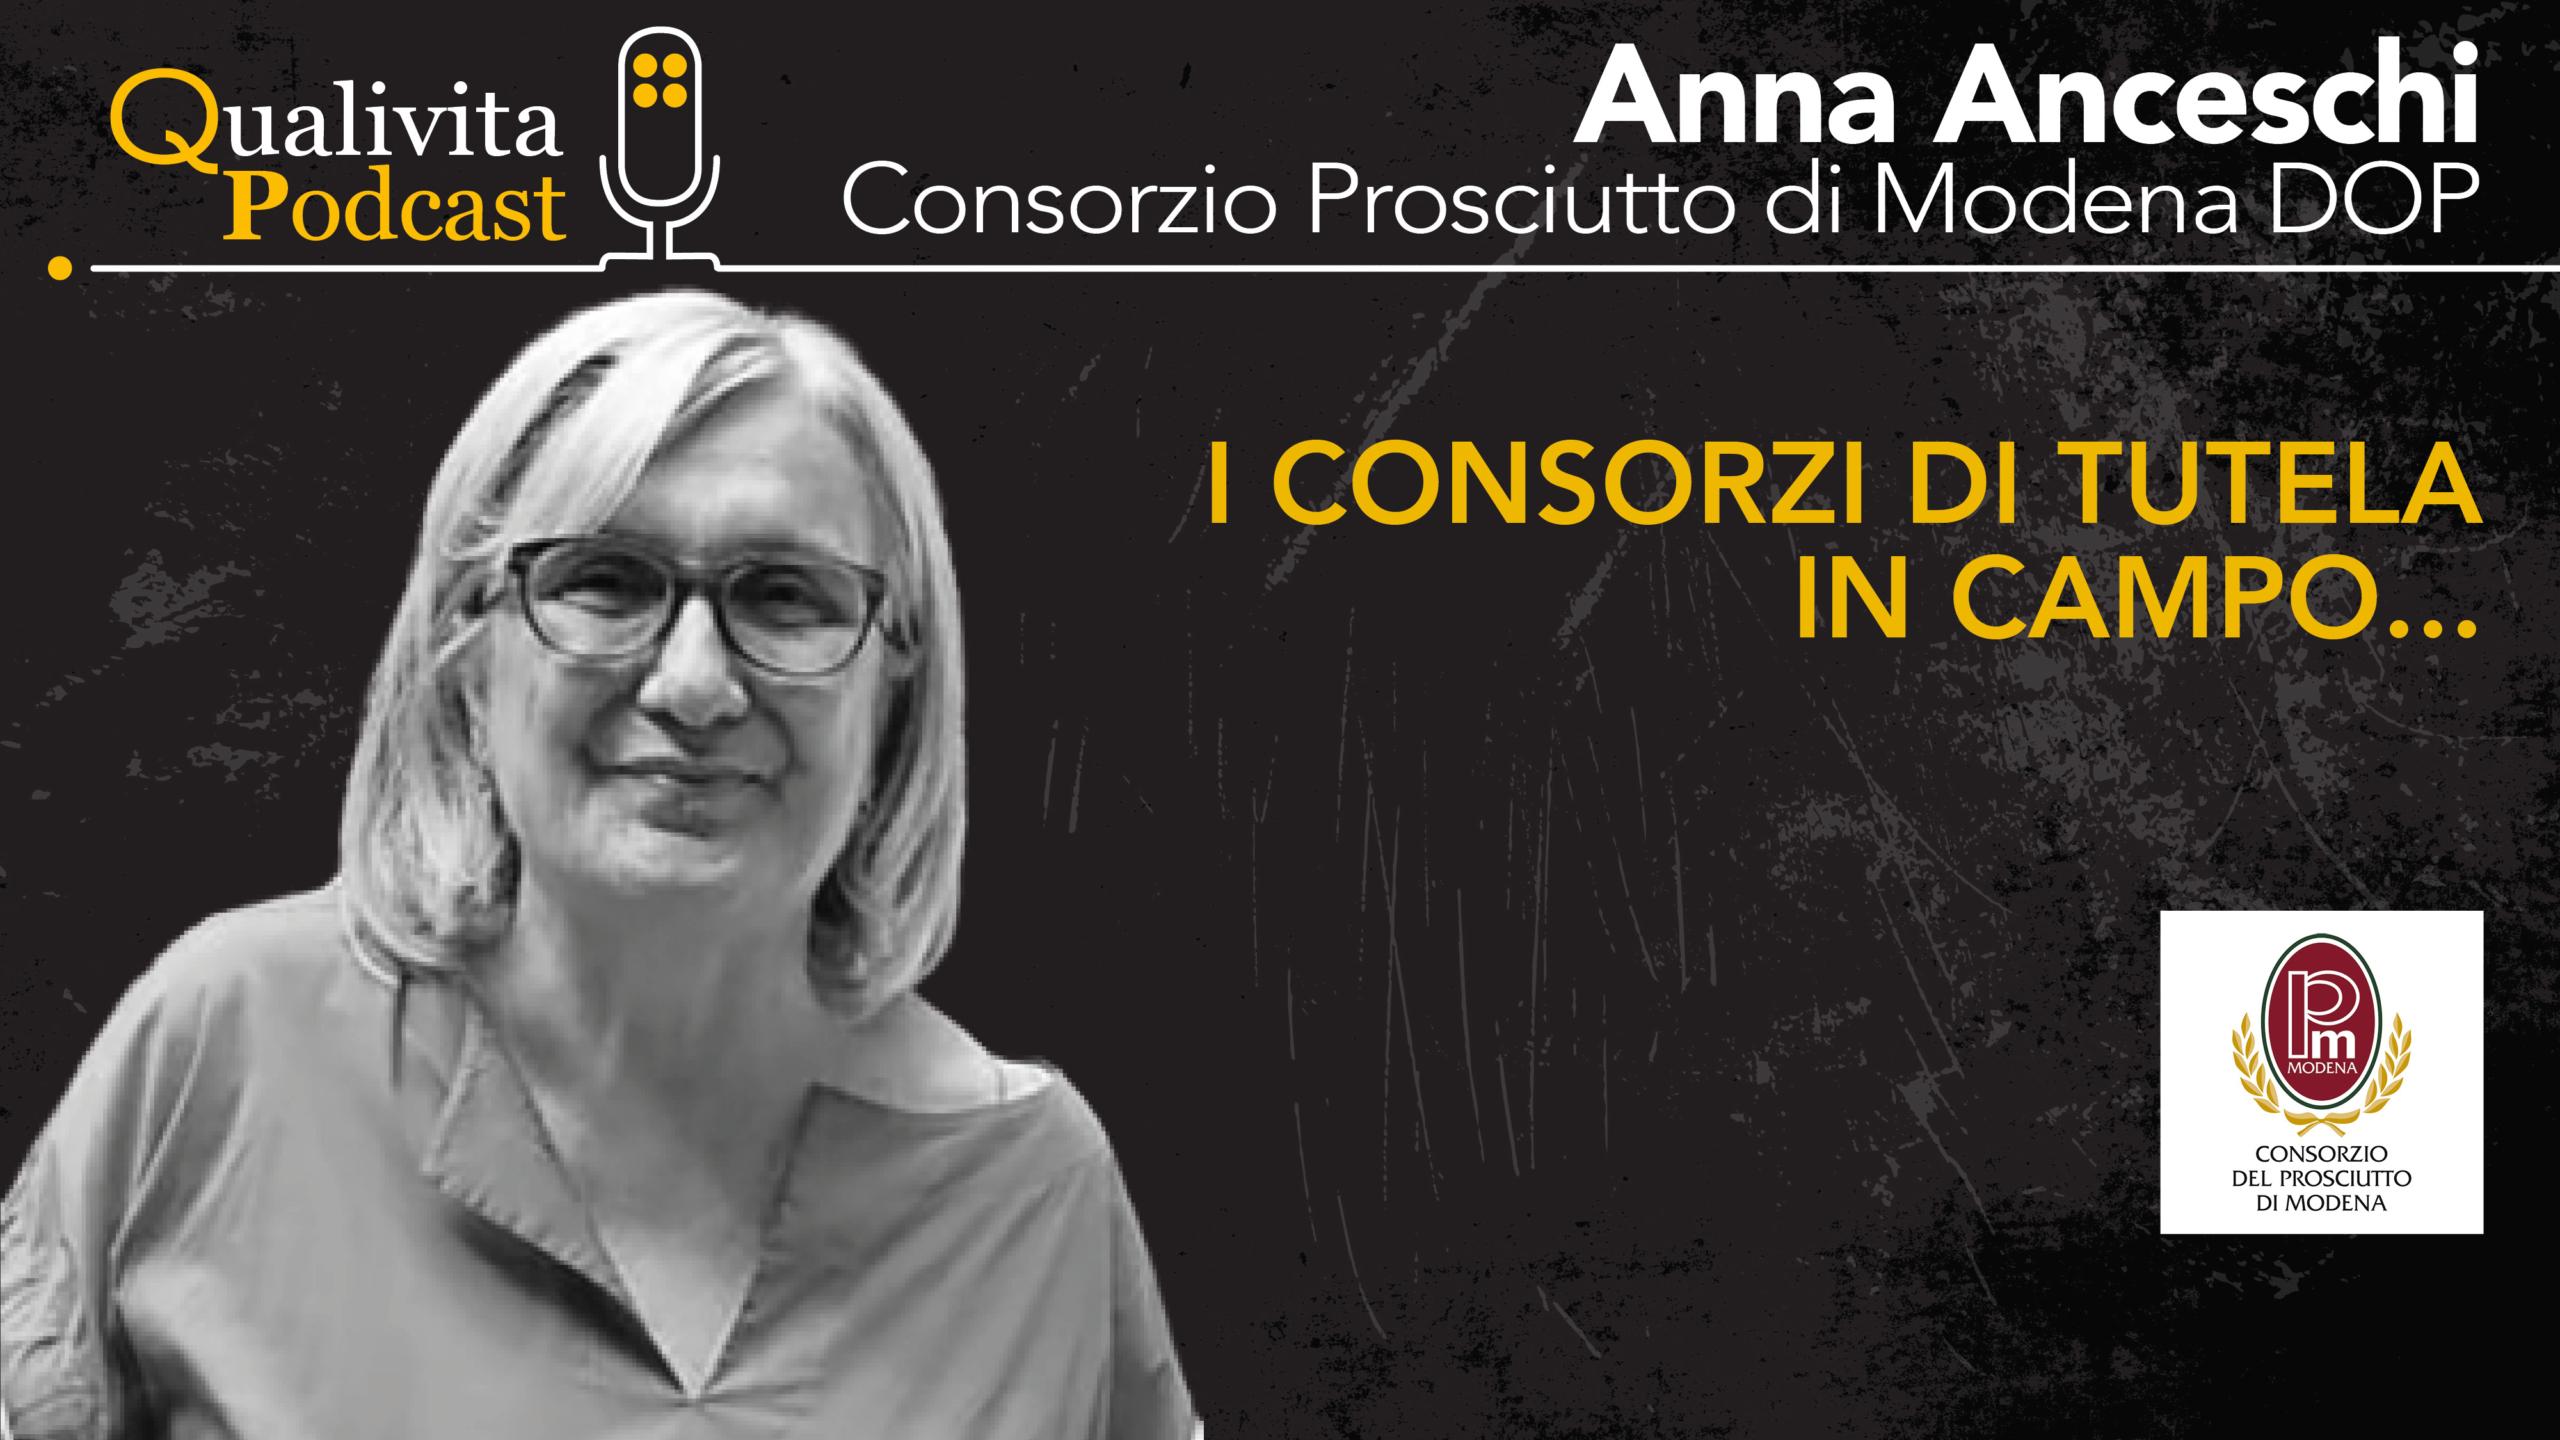 Anna Anceschi, Consorzio Prosciutto di Modena DOP